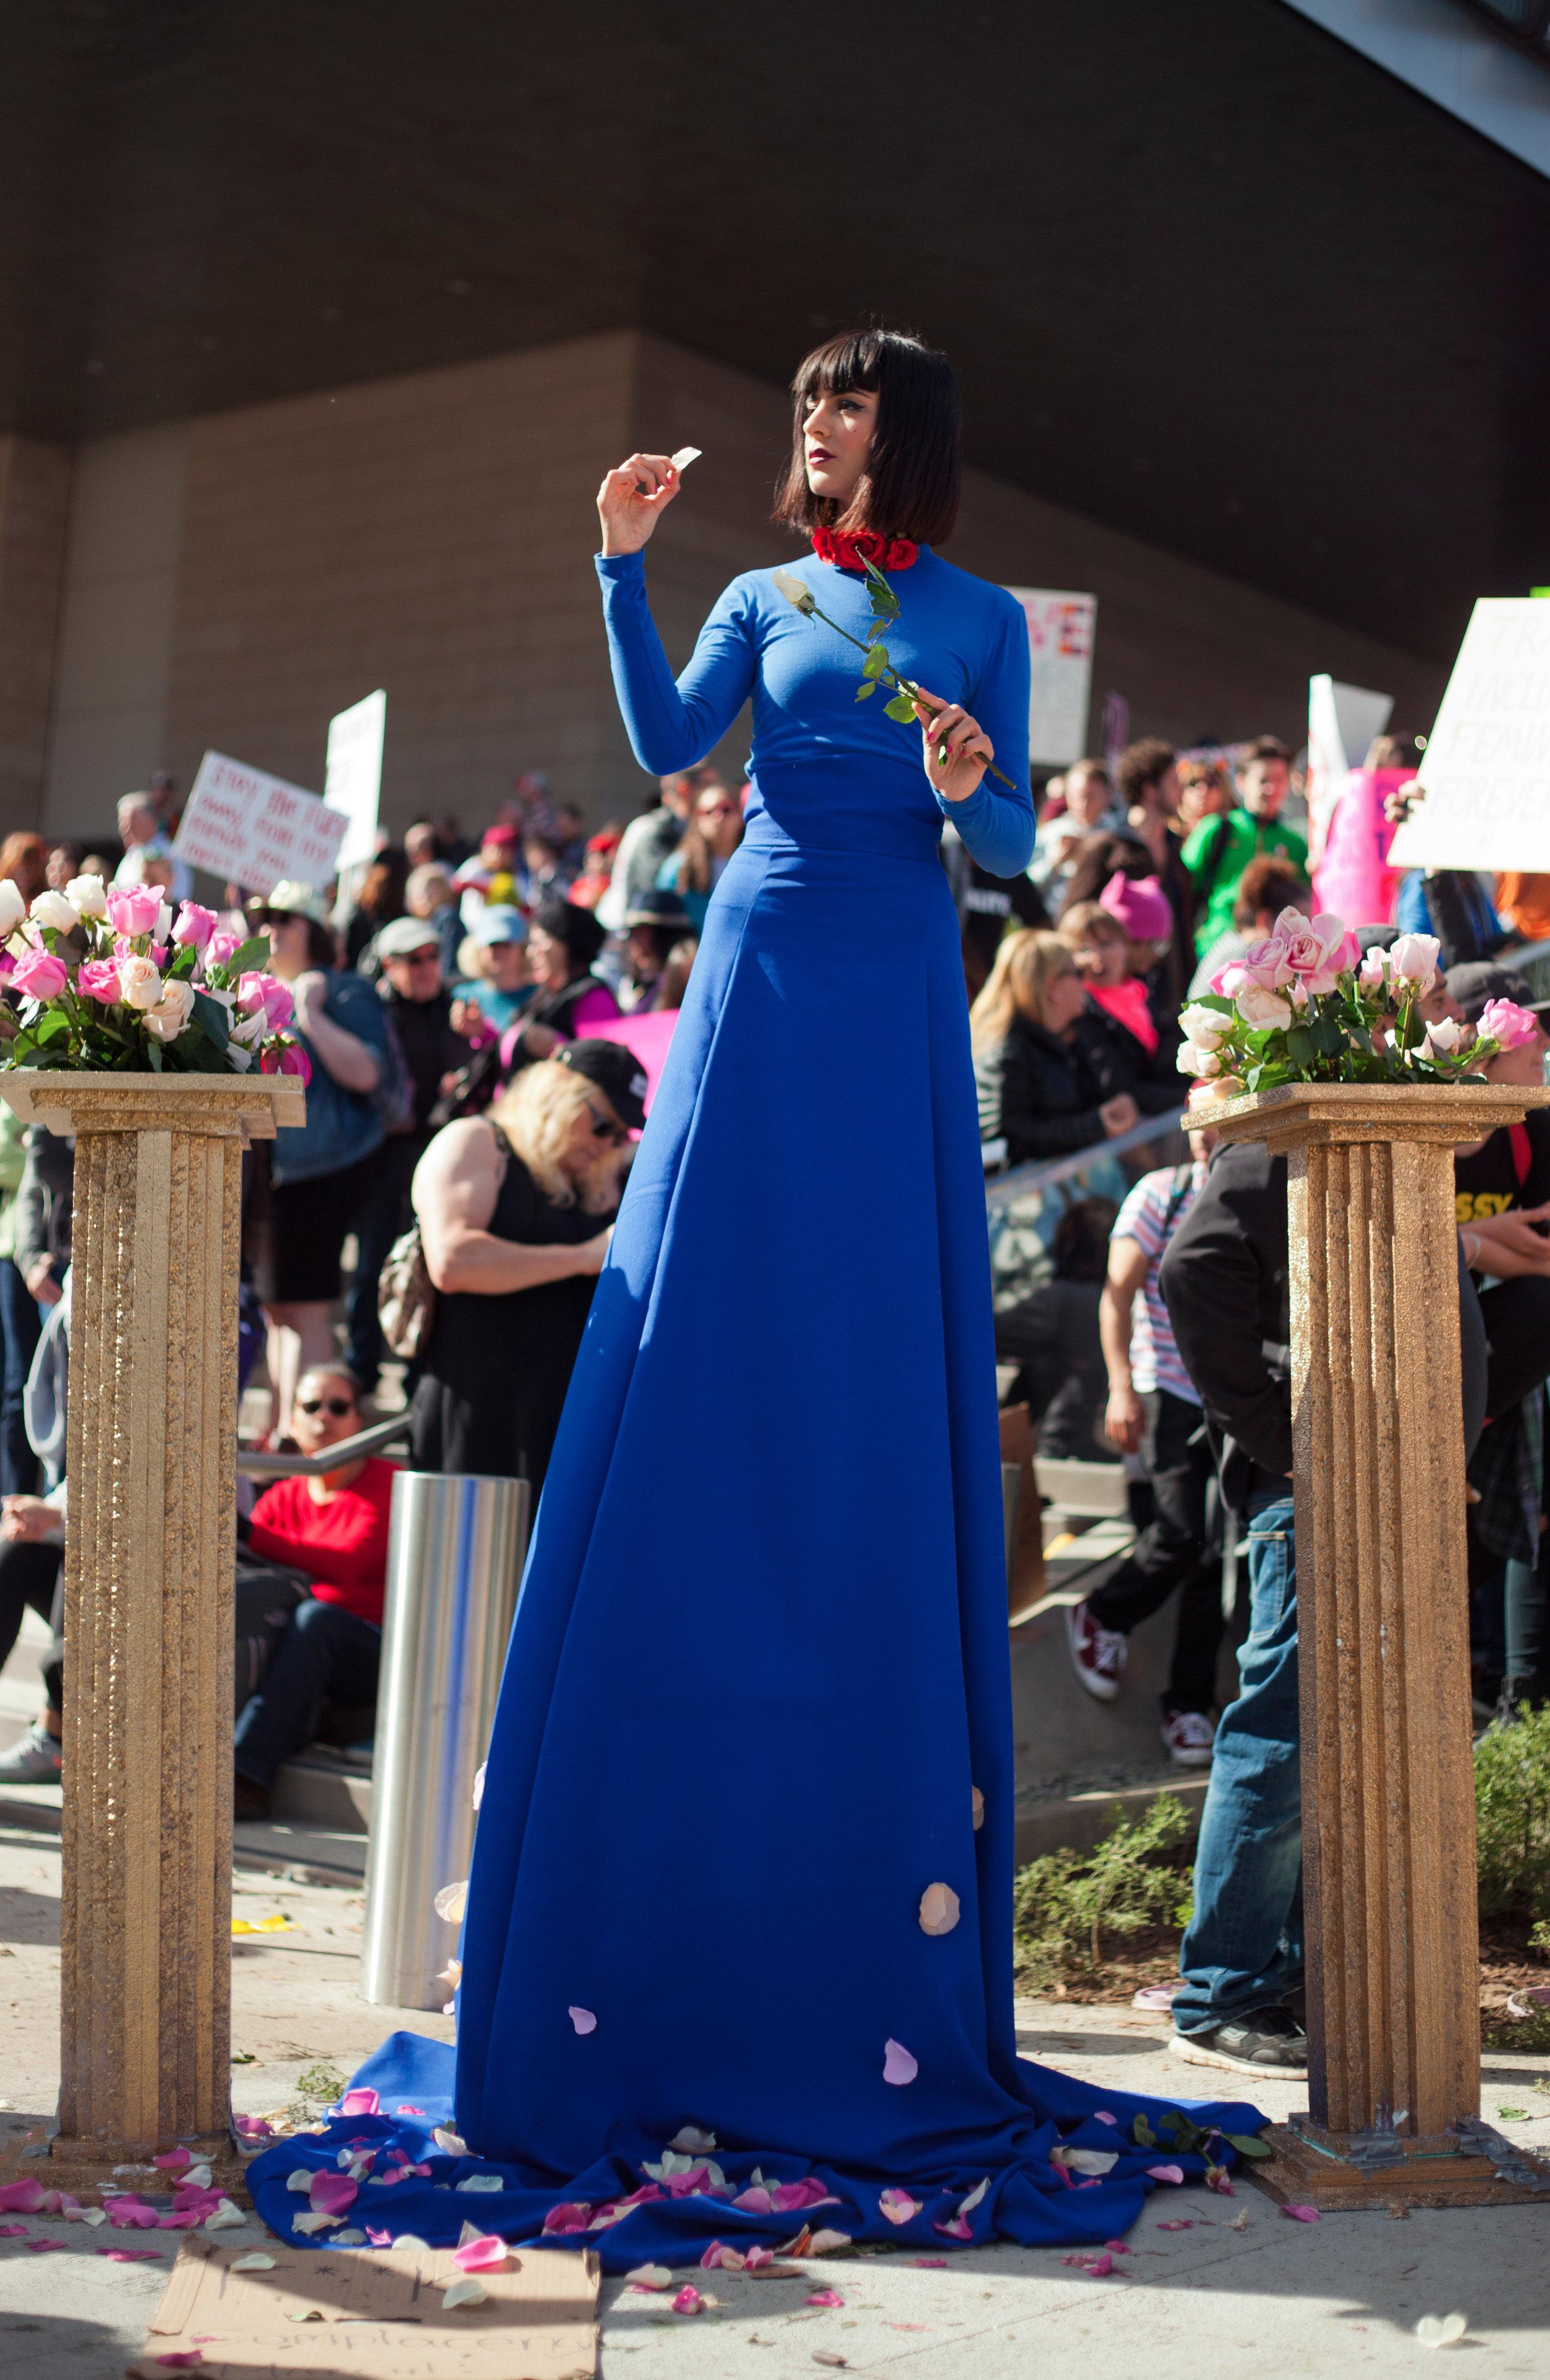 Cocovan - Women's March LA performance - credit Romain Yurkievich 3.jpg